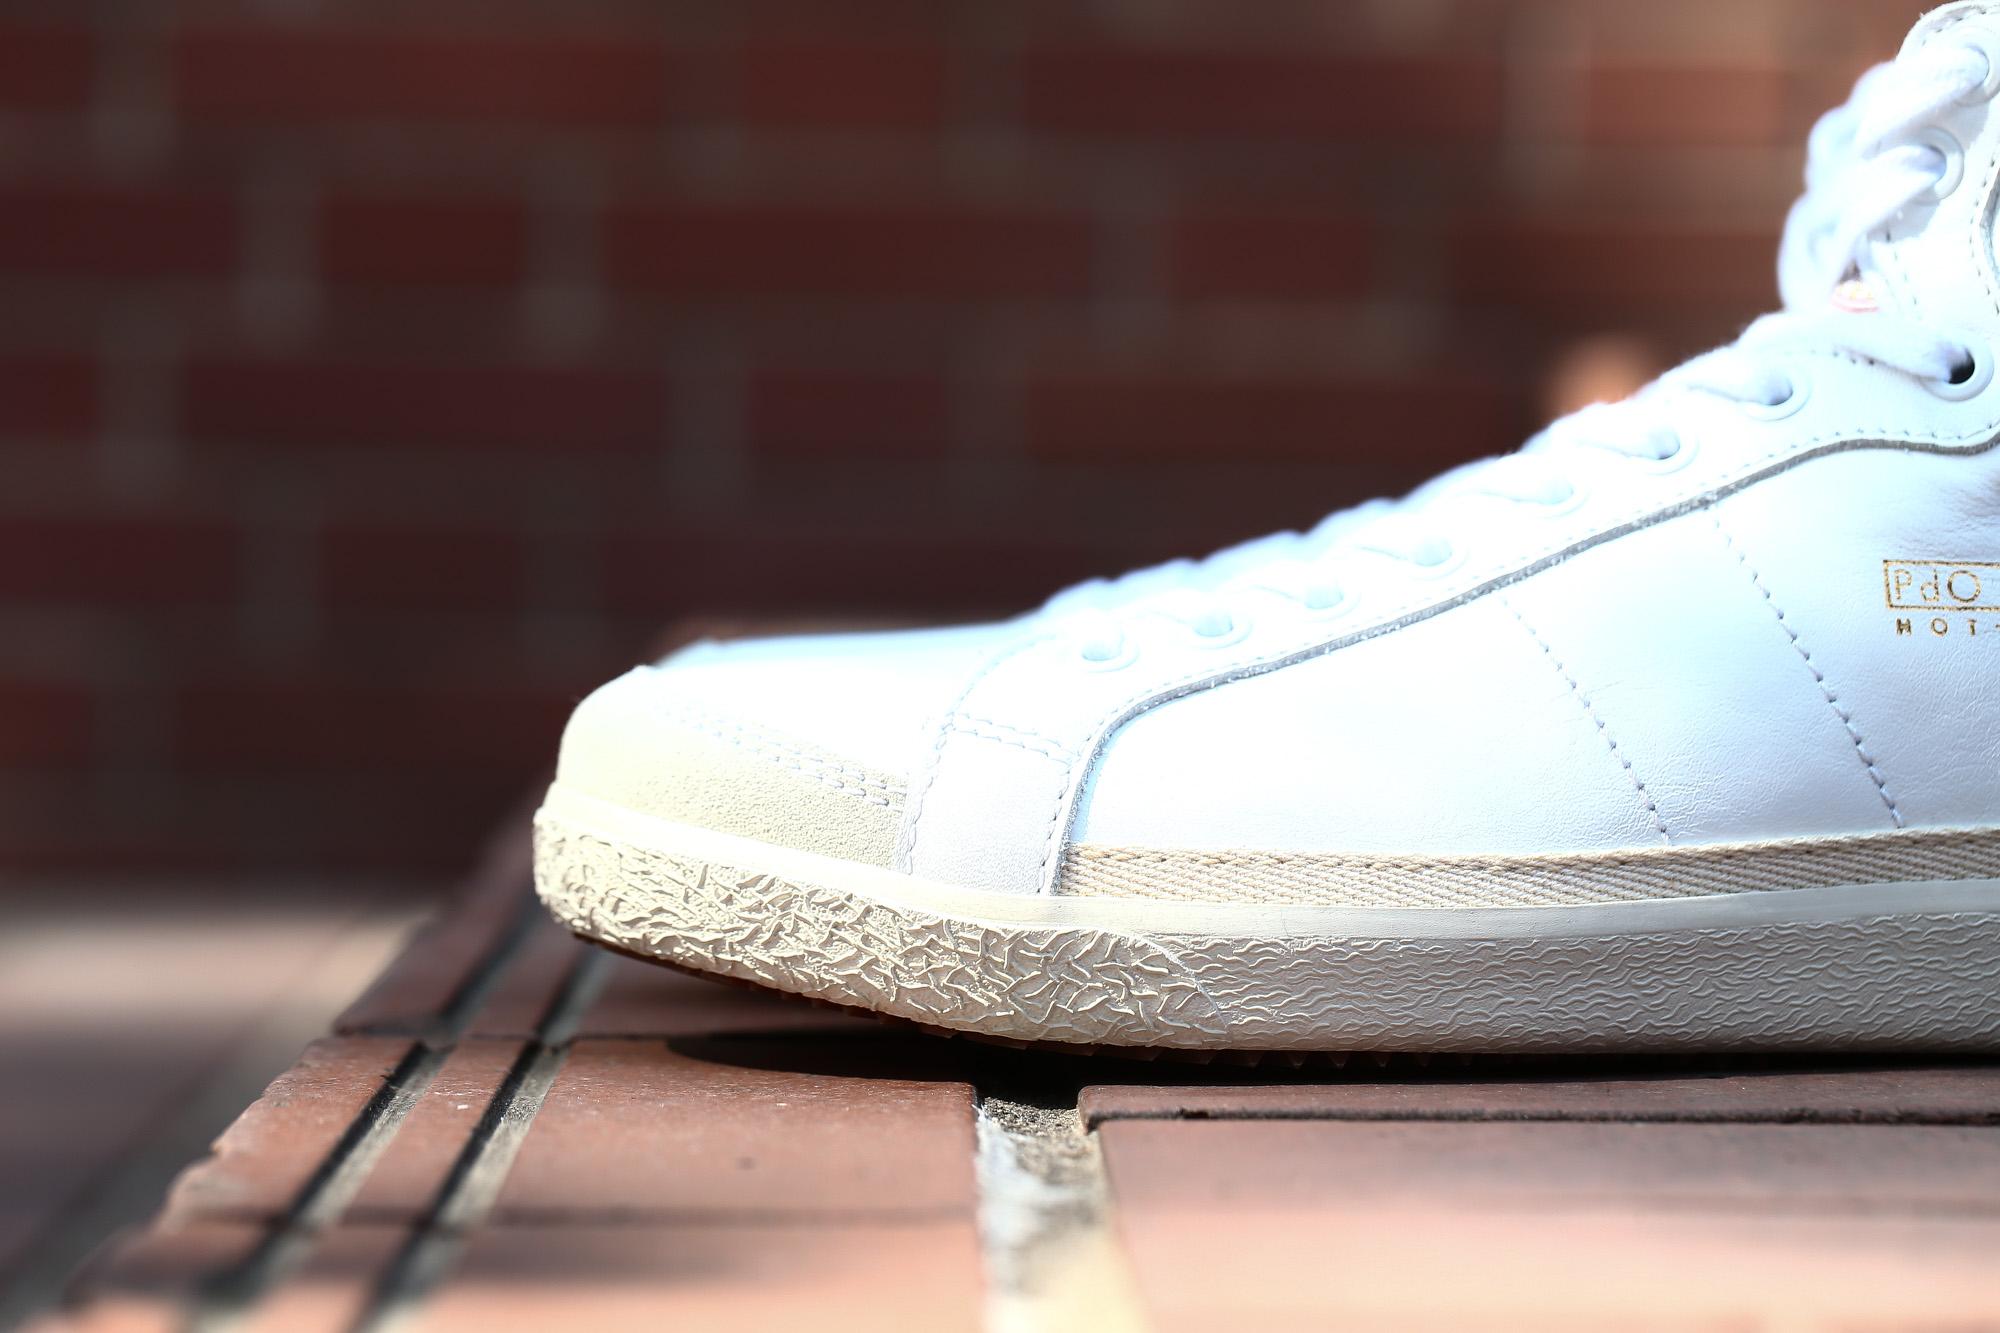 Pantofola d'Oro (パントフォラドーロ) CLASSICO PG75 CALF LEATHERカーフレザー ハイカット レザースニーカー WHITE (ホワイト・WHT) made in italy (イタリア製) 2018 春夏新作 pantofoladoro パントフォラドーロ pg75 ハイカットスニーカー 愛知 名古屋 ZODIAC ゾディアック  シューズ 靴